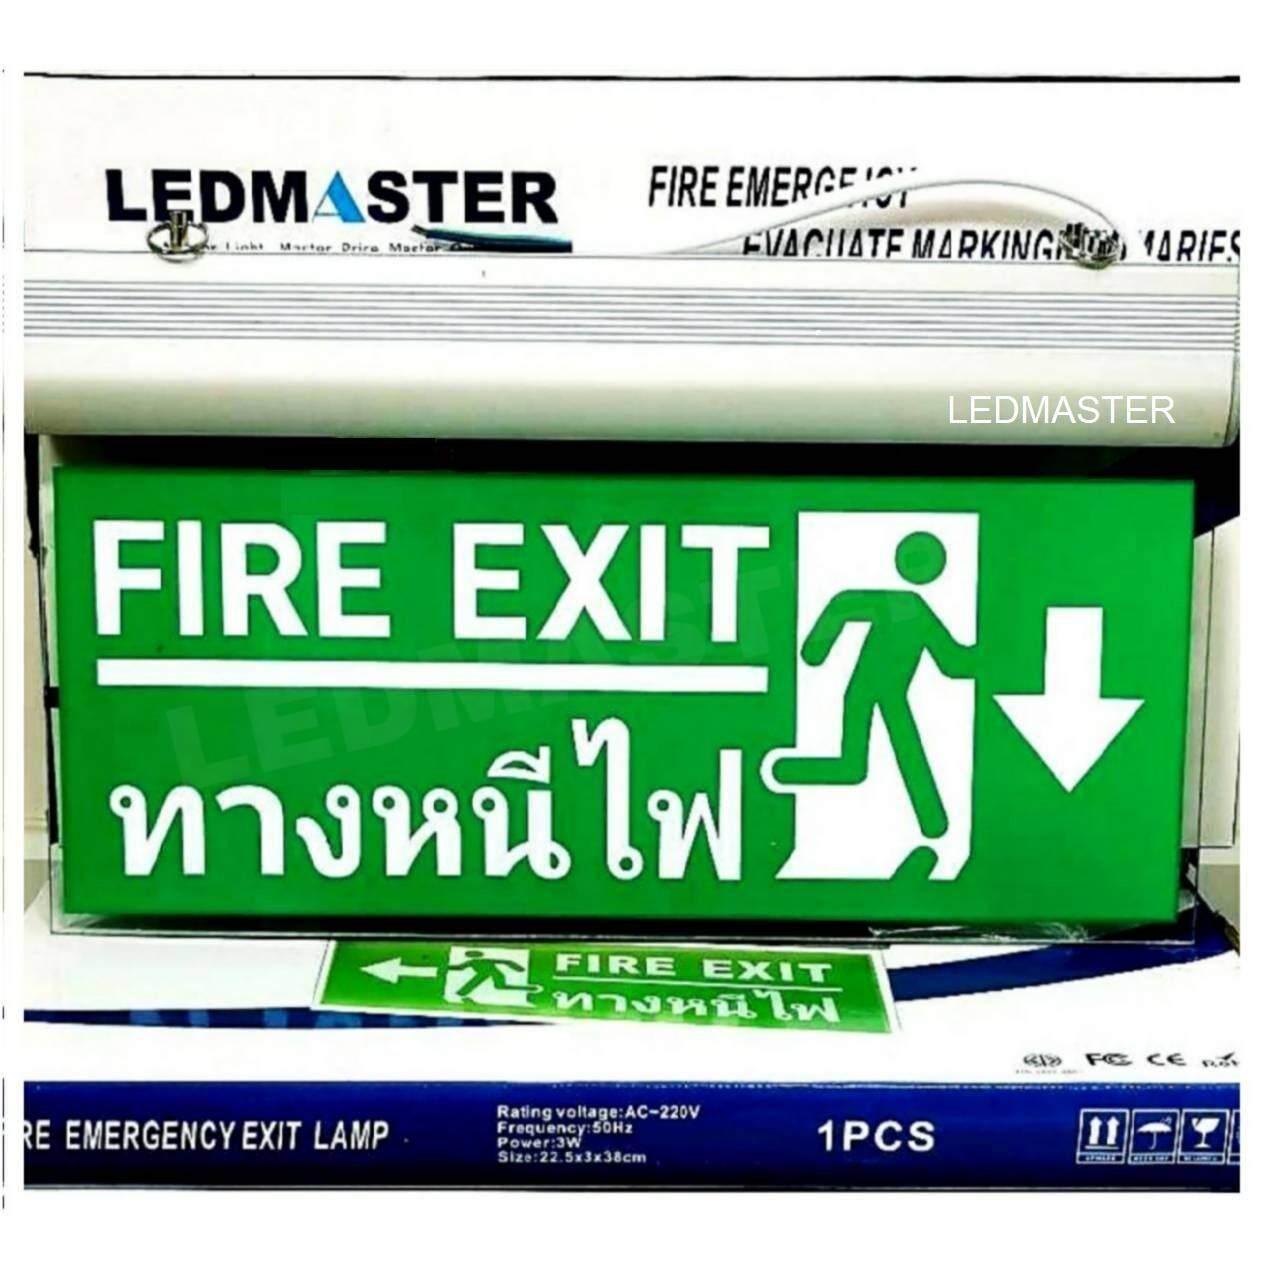 LEDMASTER ราคาส่ง ป้ายทางหนีไฟ LED FIRE EXIT ป้ายทางหนีไฟ ป้ายไฟ EXIT ป้ายสำรองไฟบอกทางออกสู่บันไดหนีไฟ กรณีเกิดเหตุการณ์ฉุกเฉิน สัญญาณเเจ้งเพลิงไหม้ทำให้ไฟดับ ไฟตก มาตรฐานมอก.1995 คุณภาพเยี่ยม รุ่น ลูกศรชี้ลง แบบแขวน